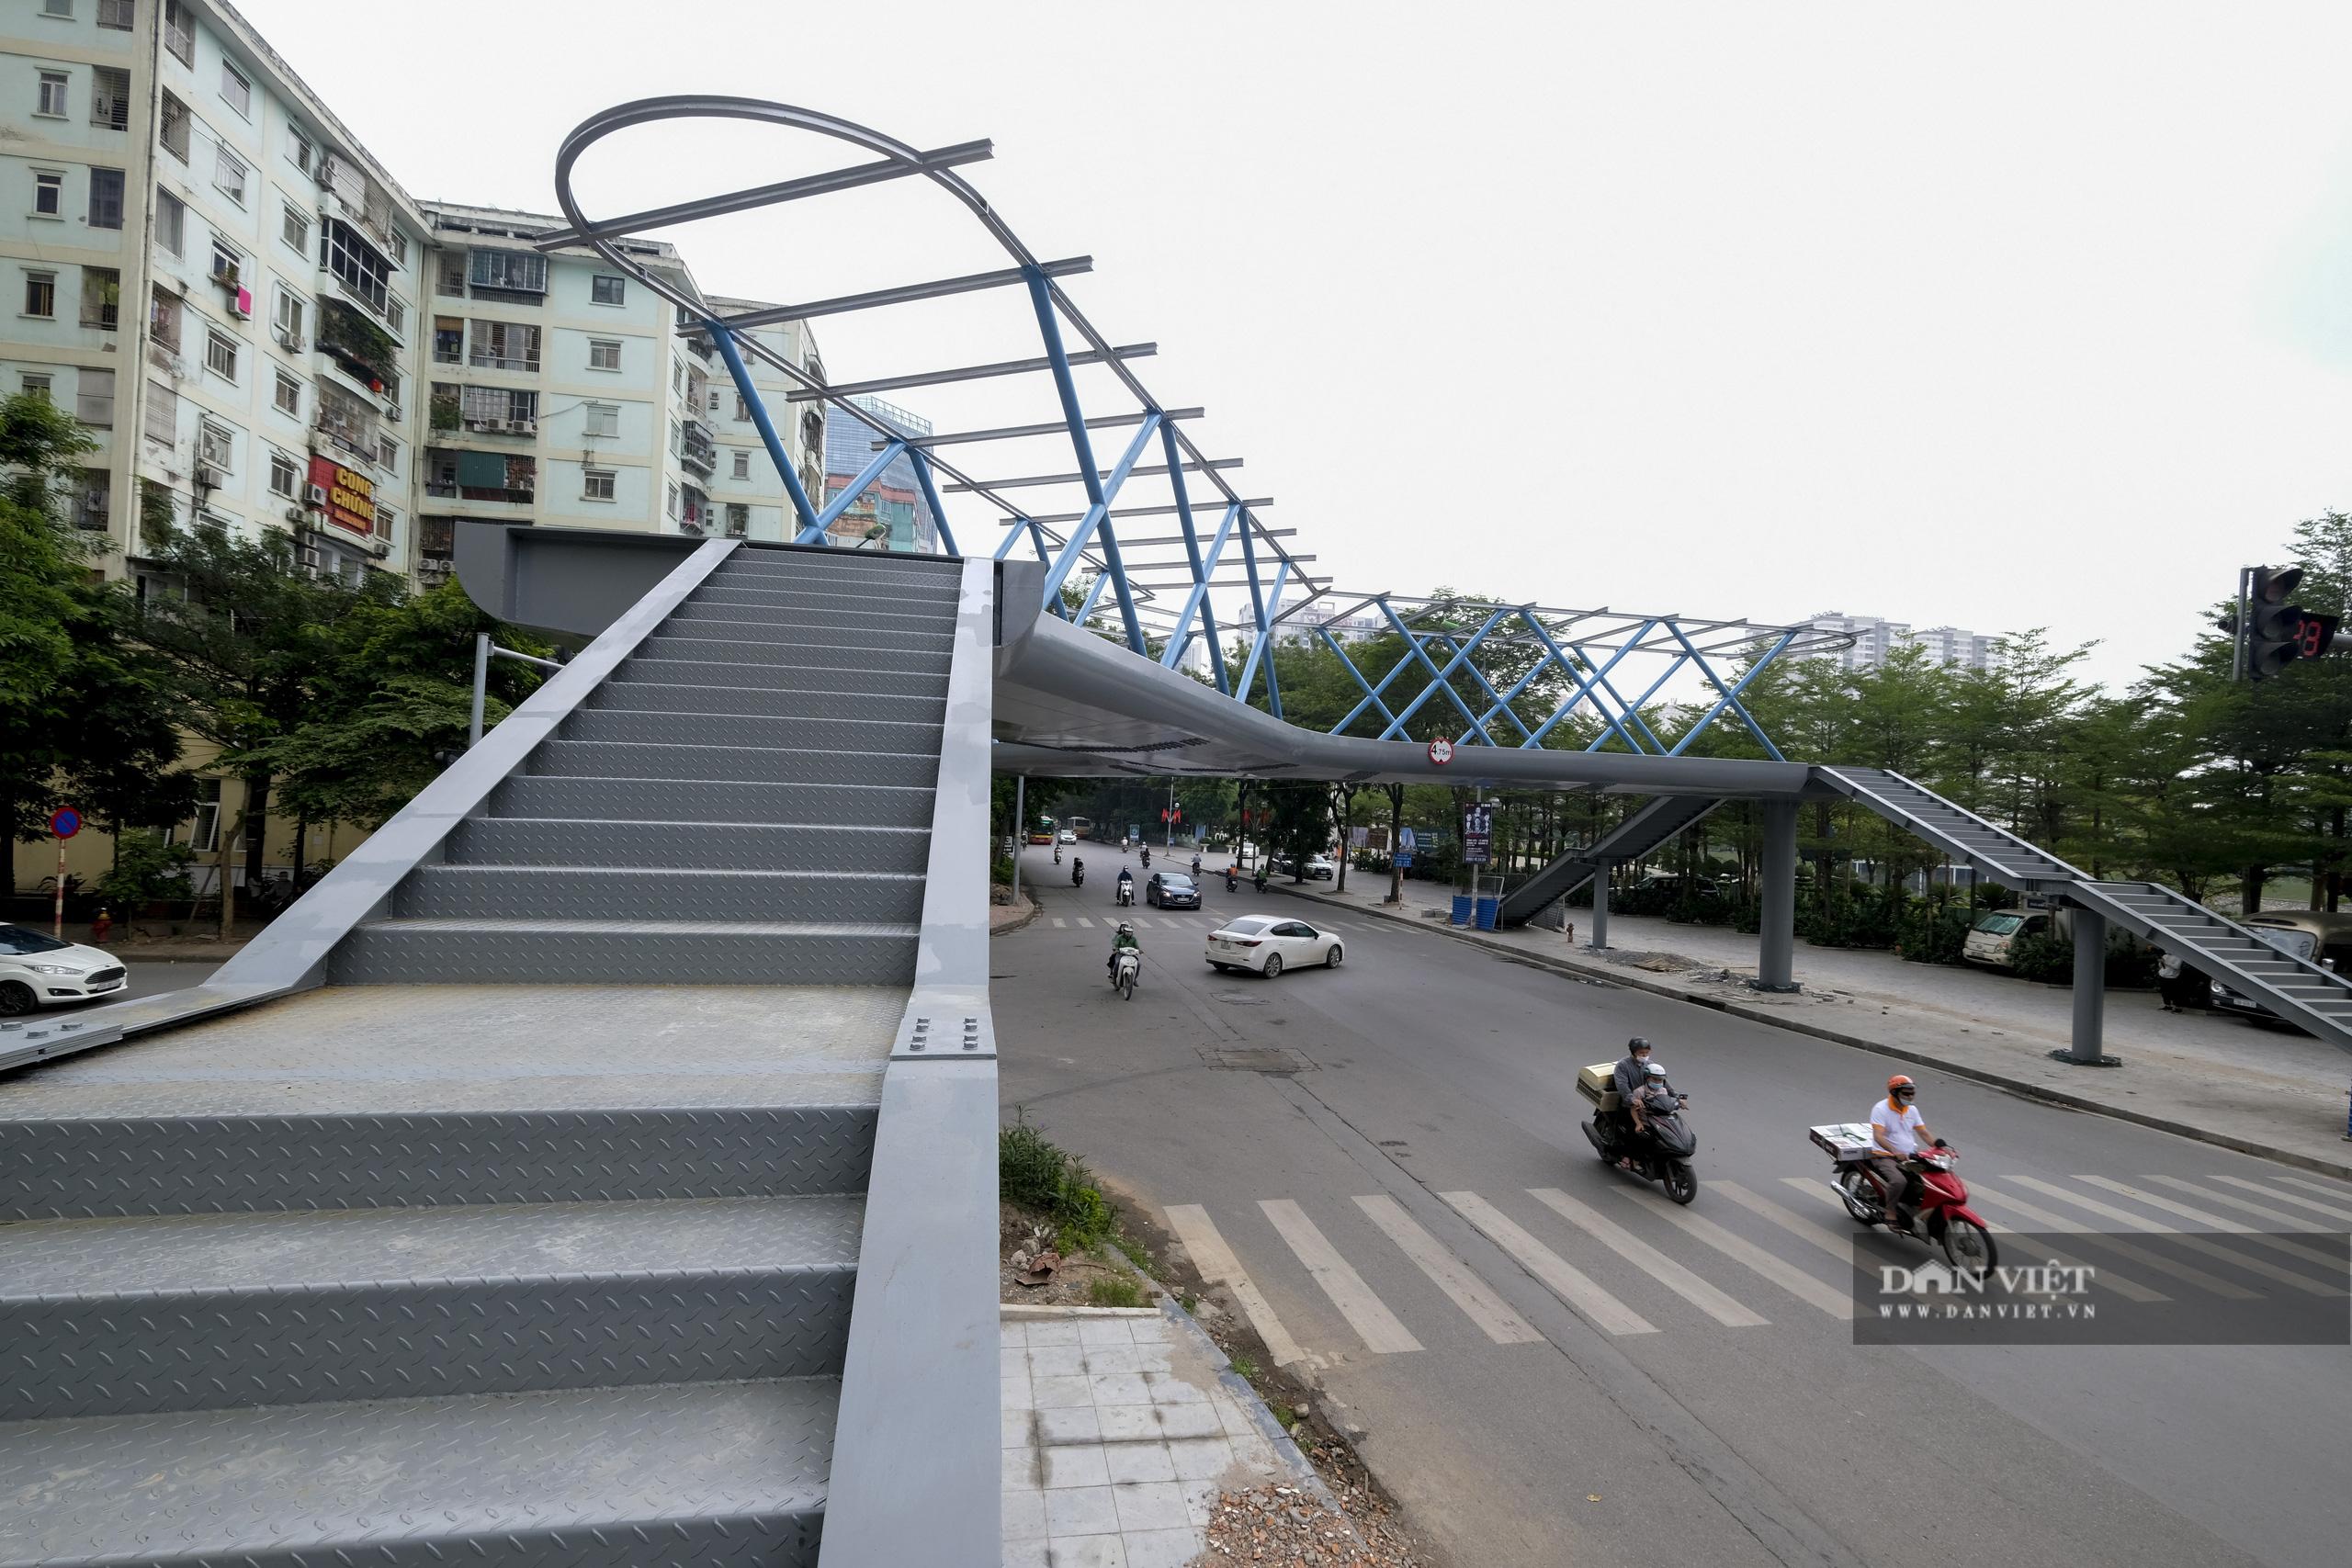 Ngắm cầu vượt bộ hành hình chữ Y đẹp nhất Hà Nội - Ảnh 9.